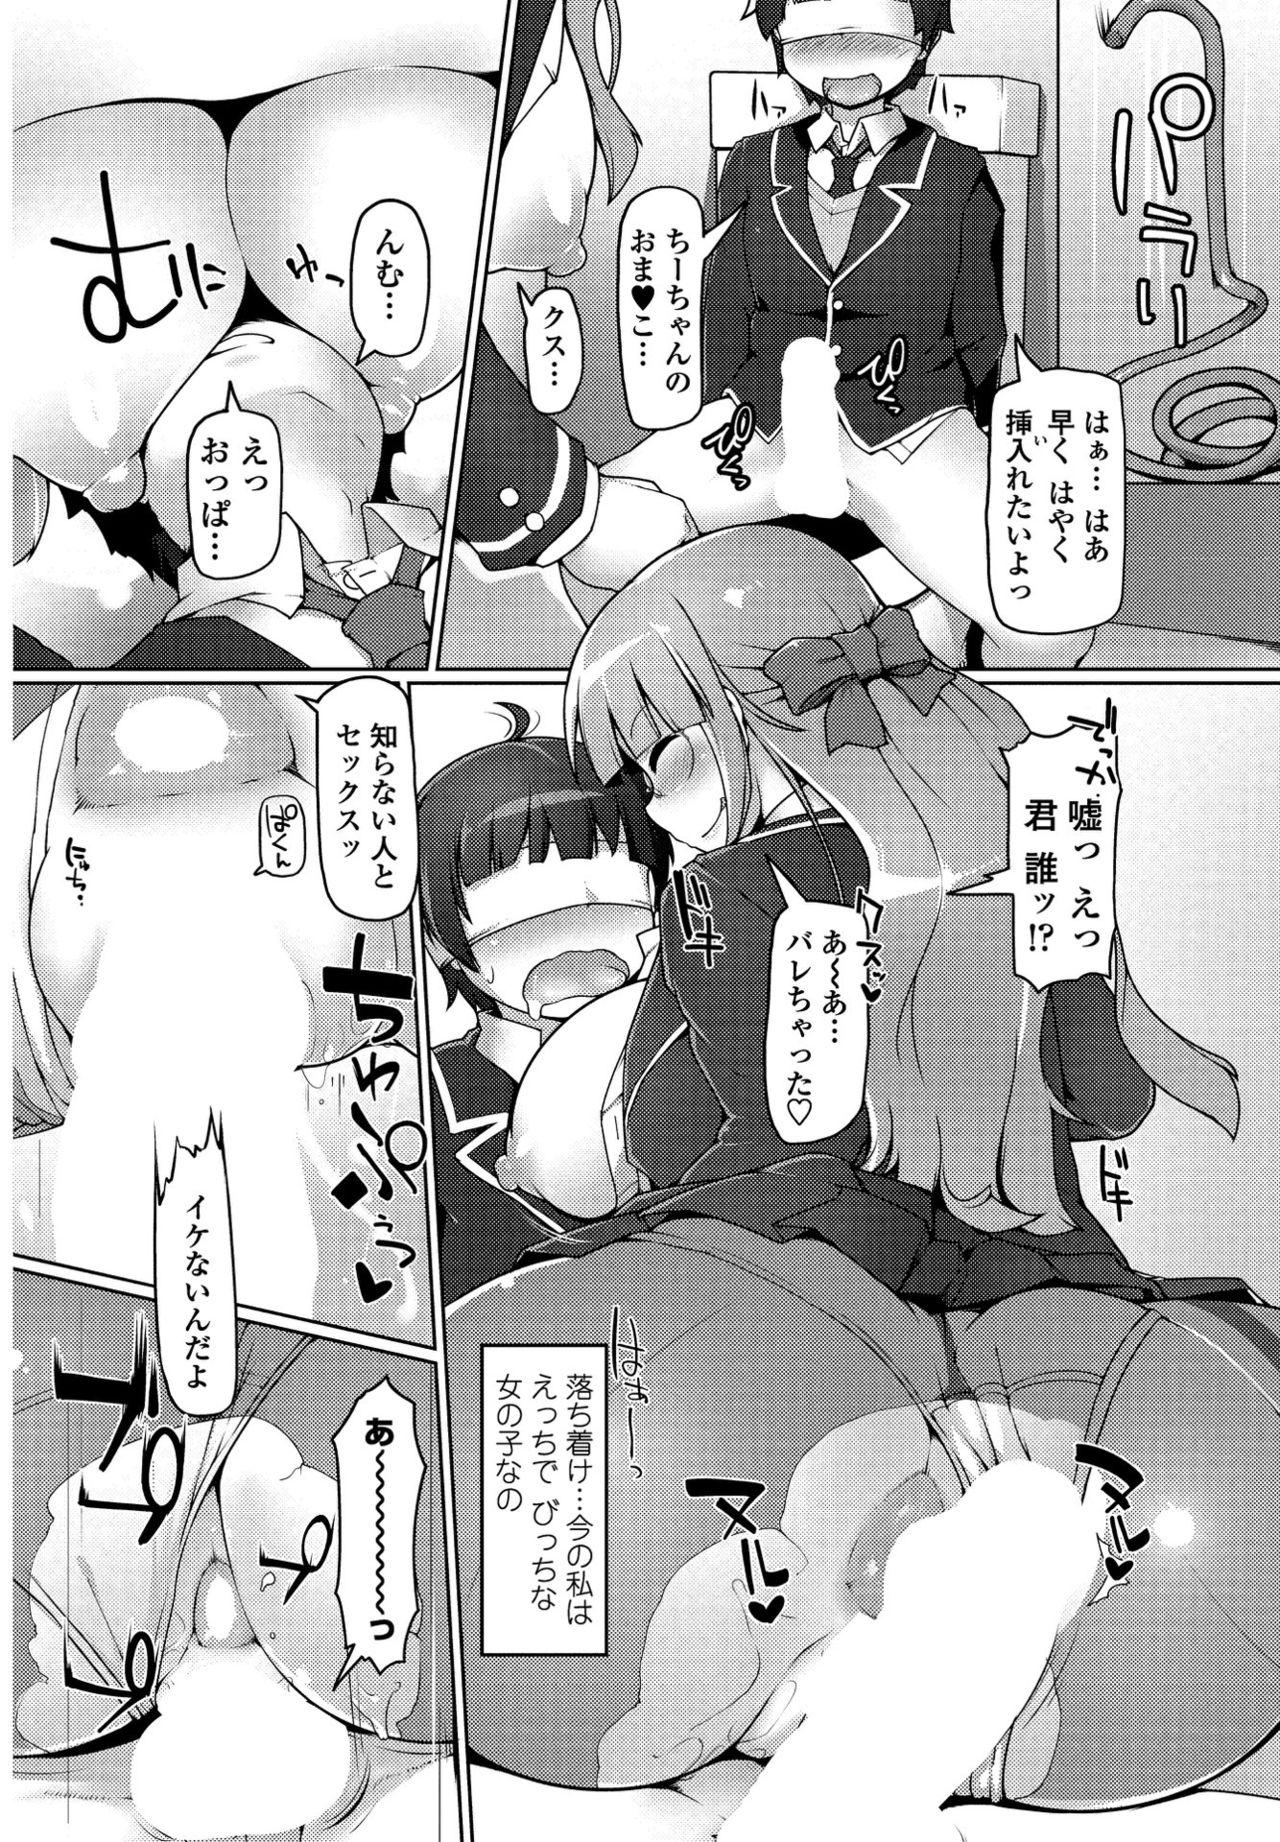 【エロ漫画】設定に従い学校でイケない遊びをするメガネの巨乳JK…チンコ丸出しで目隠しした男子を見つけ69で舐め合い彼女に見られながら中出しセックス【こたつ。:イケないおなにー】